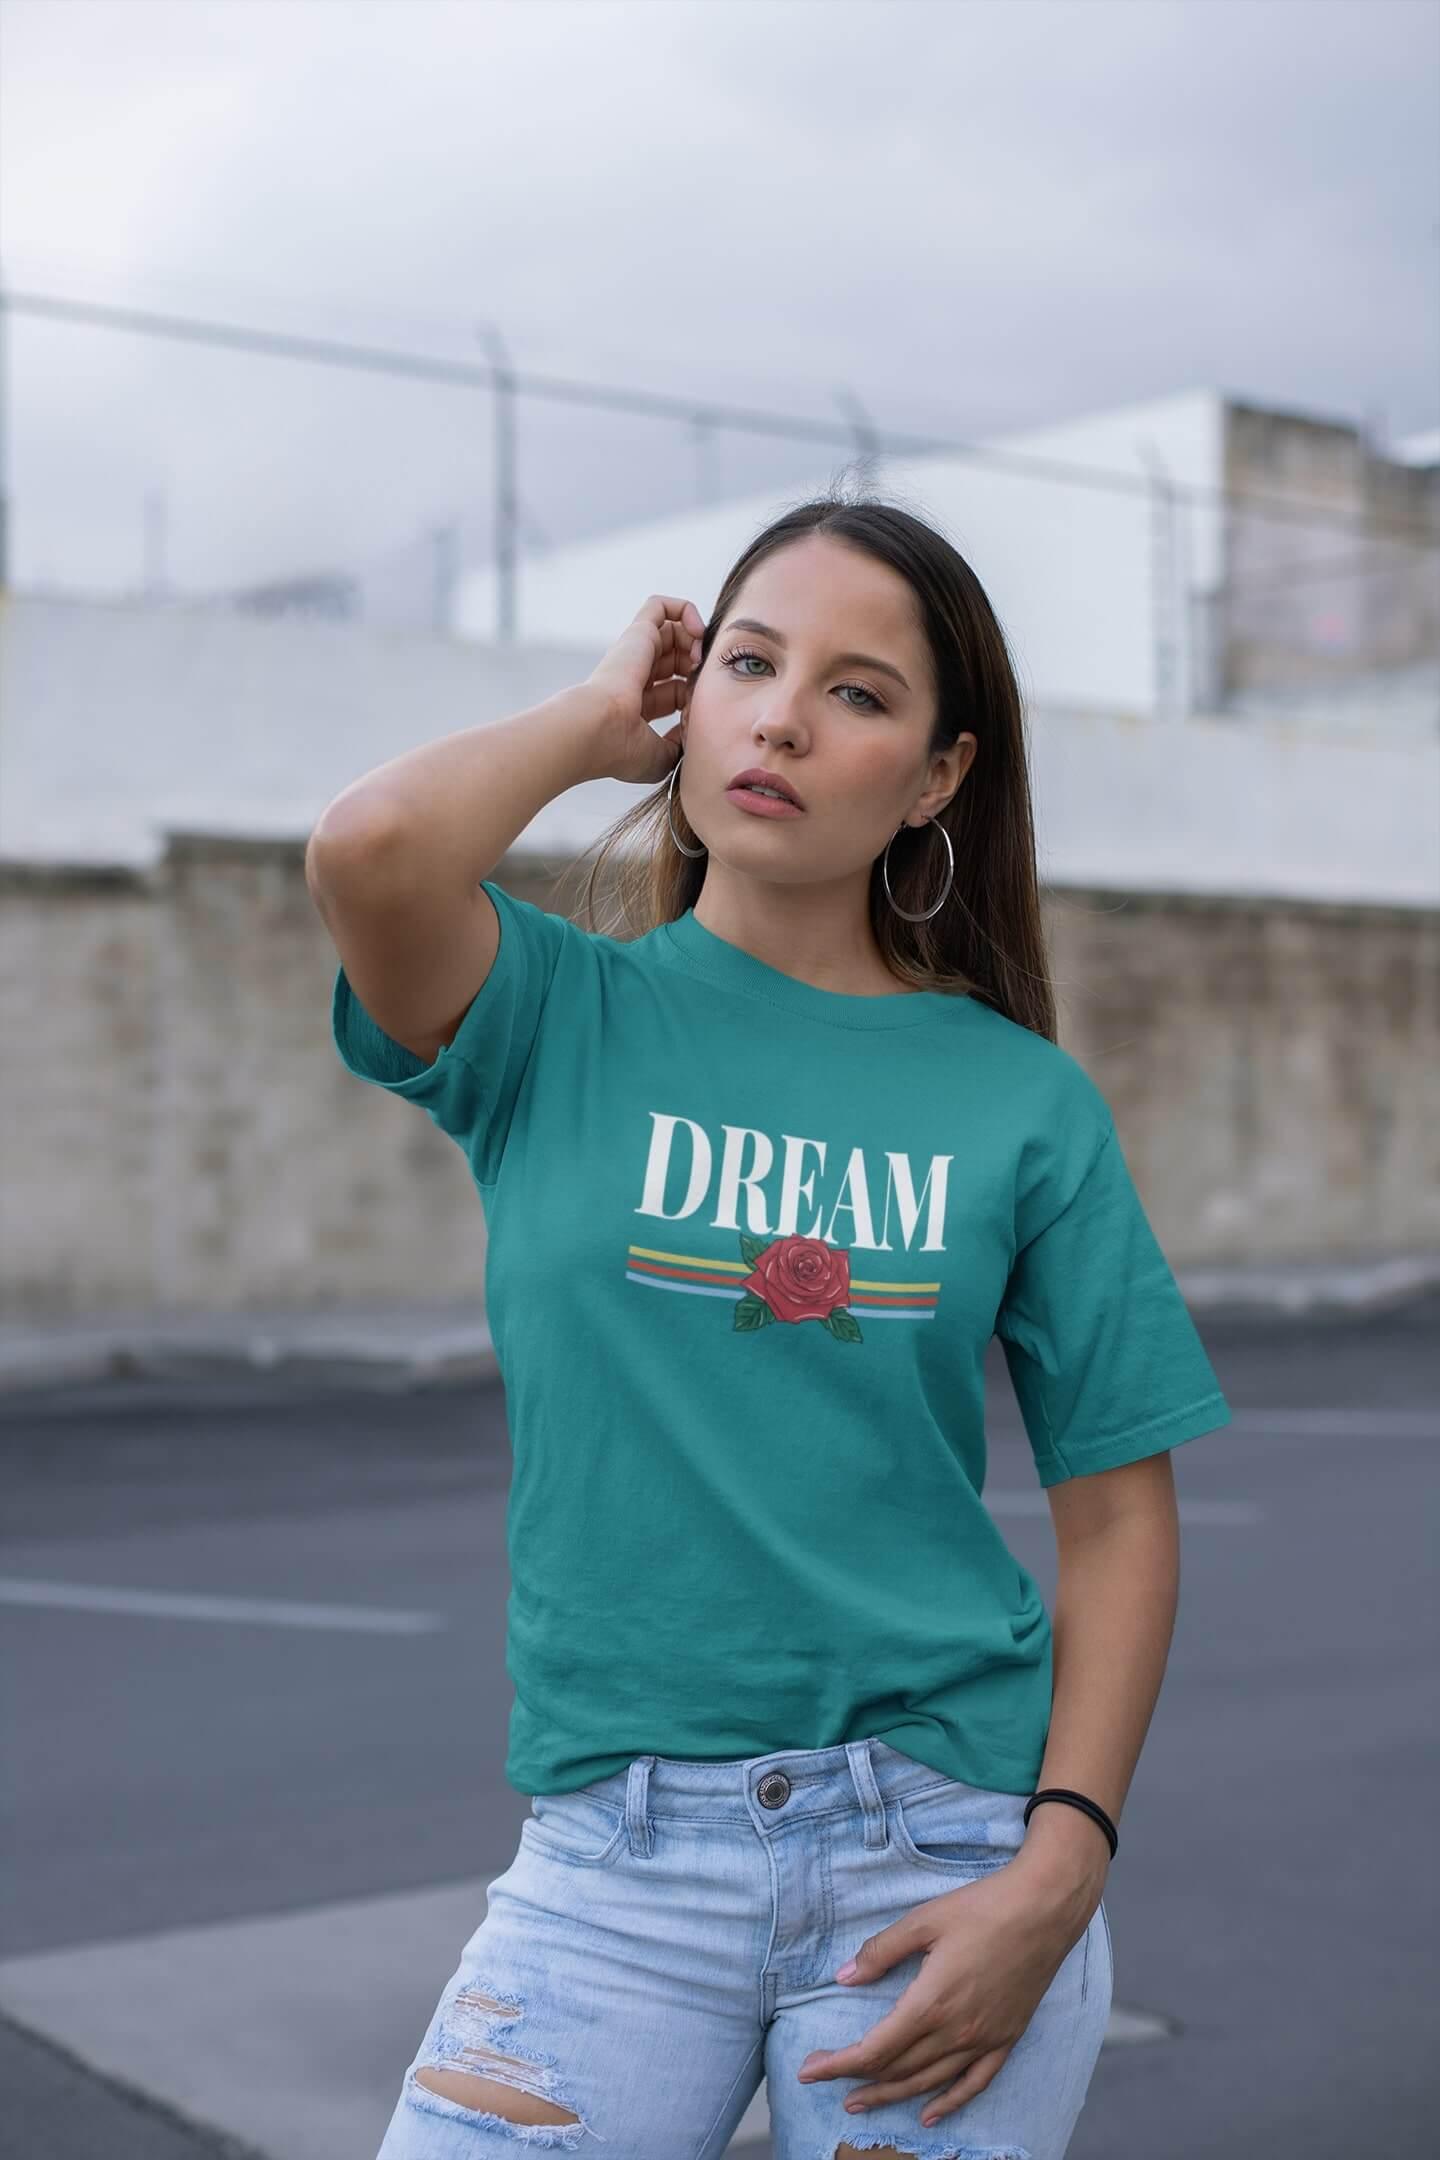 MMO Dámske tričko Dream Vyberte farbu: Smaragdovozelená, Vyberte veľkosť: M